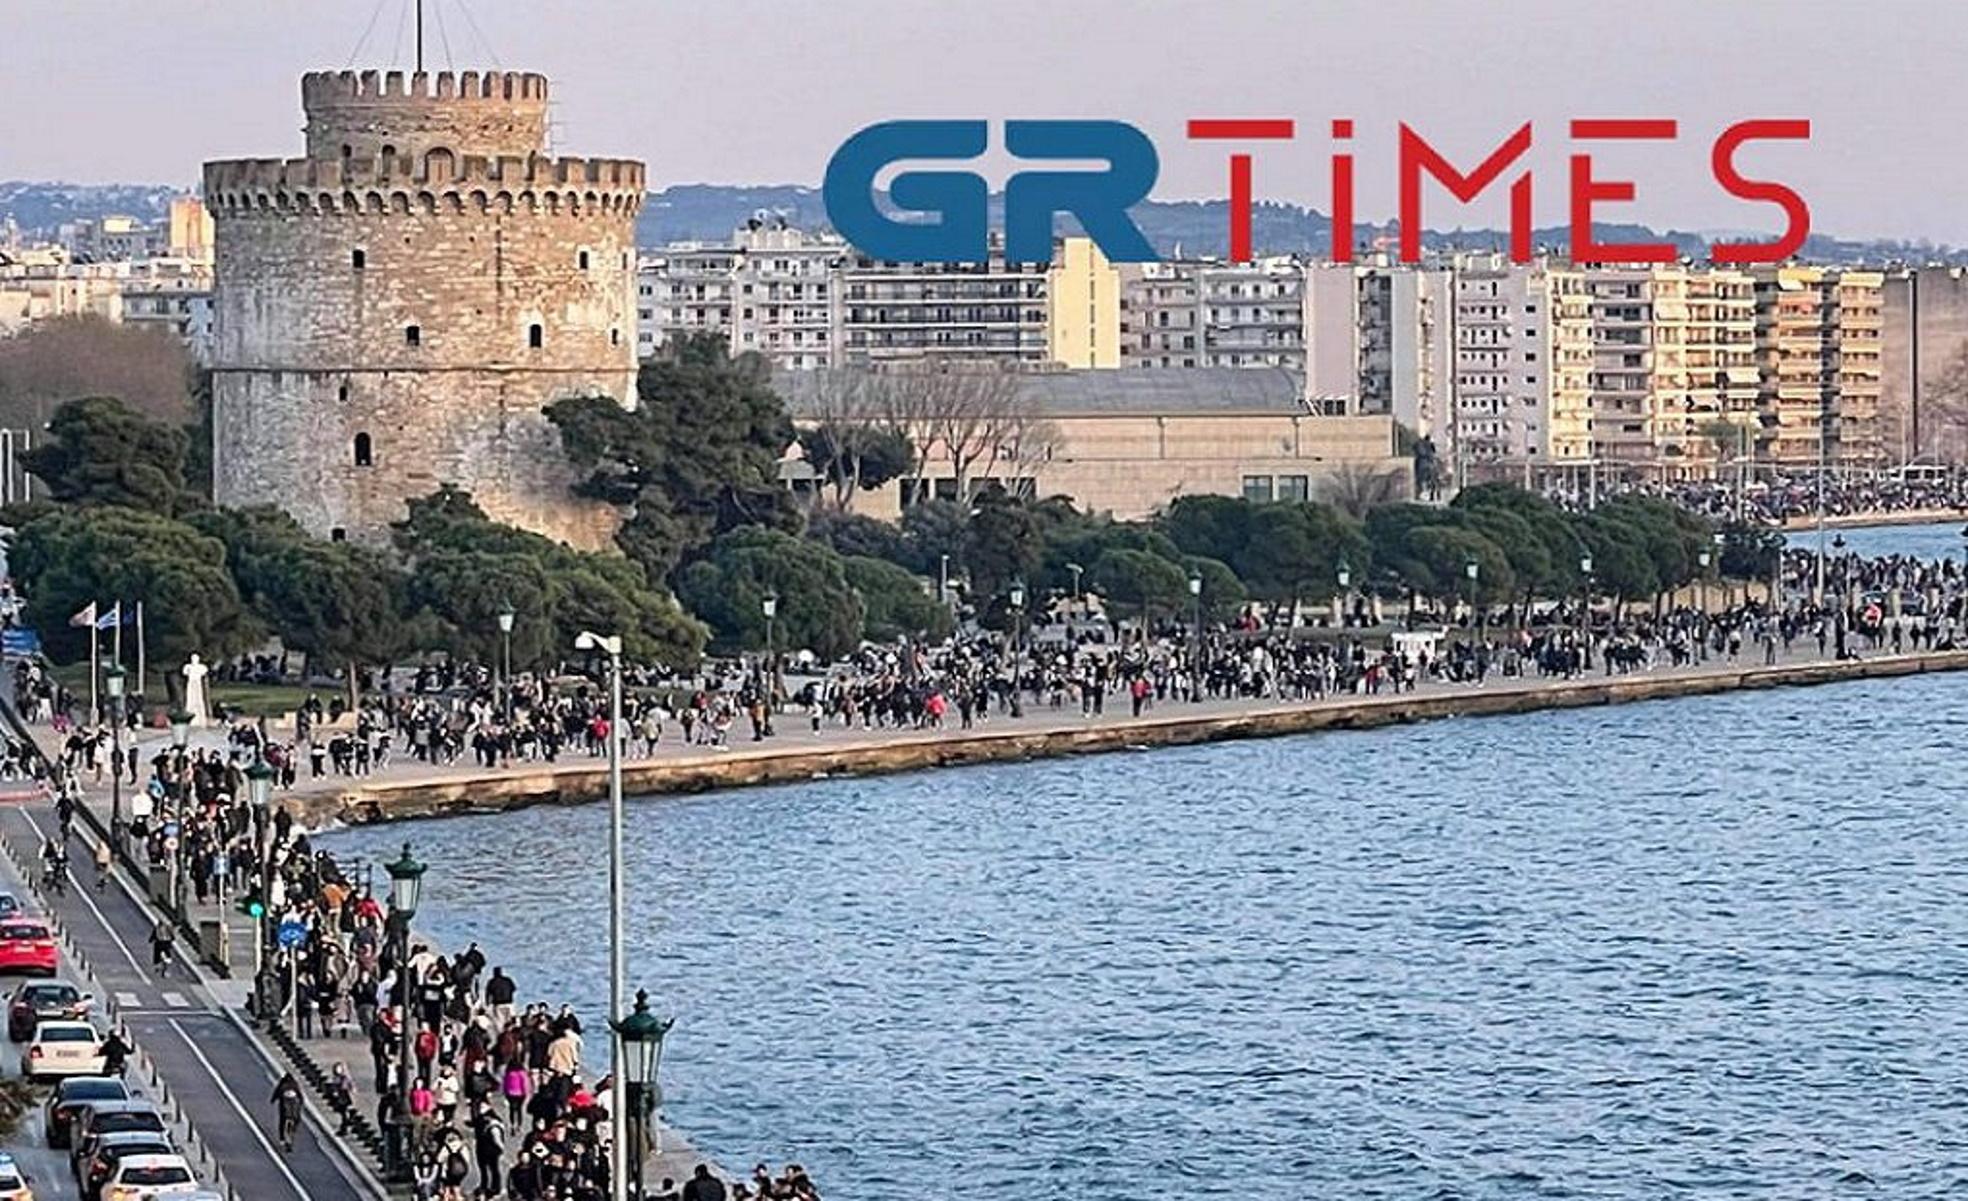 Θεσσαλονίκη: Η «λαοθάλασσα» έφερε τόνους σκουπιδιών στην παραλία